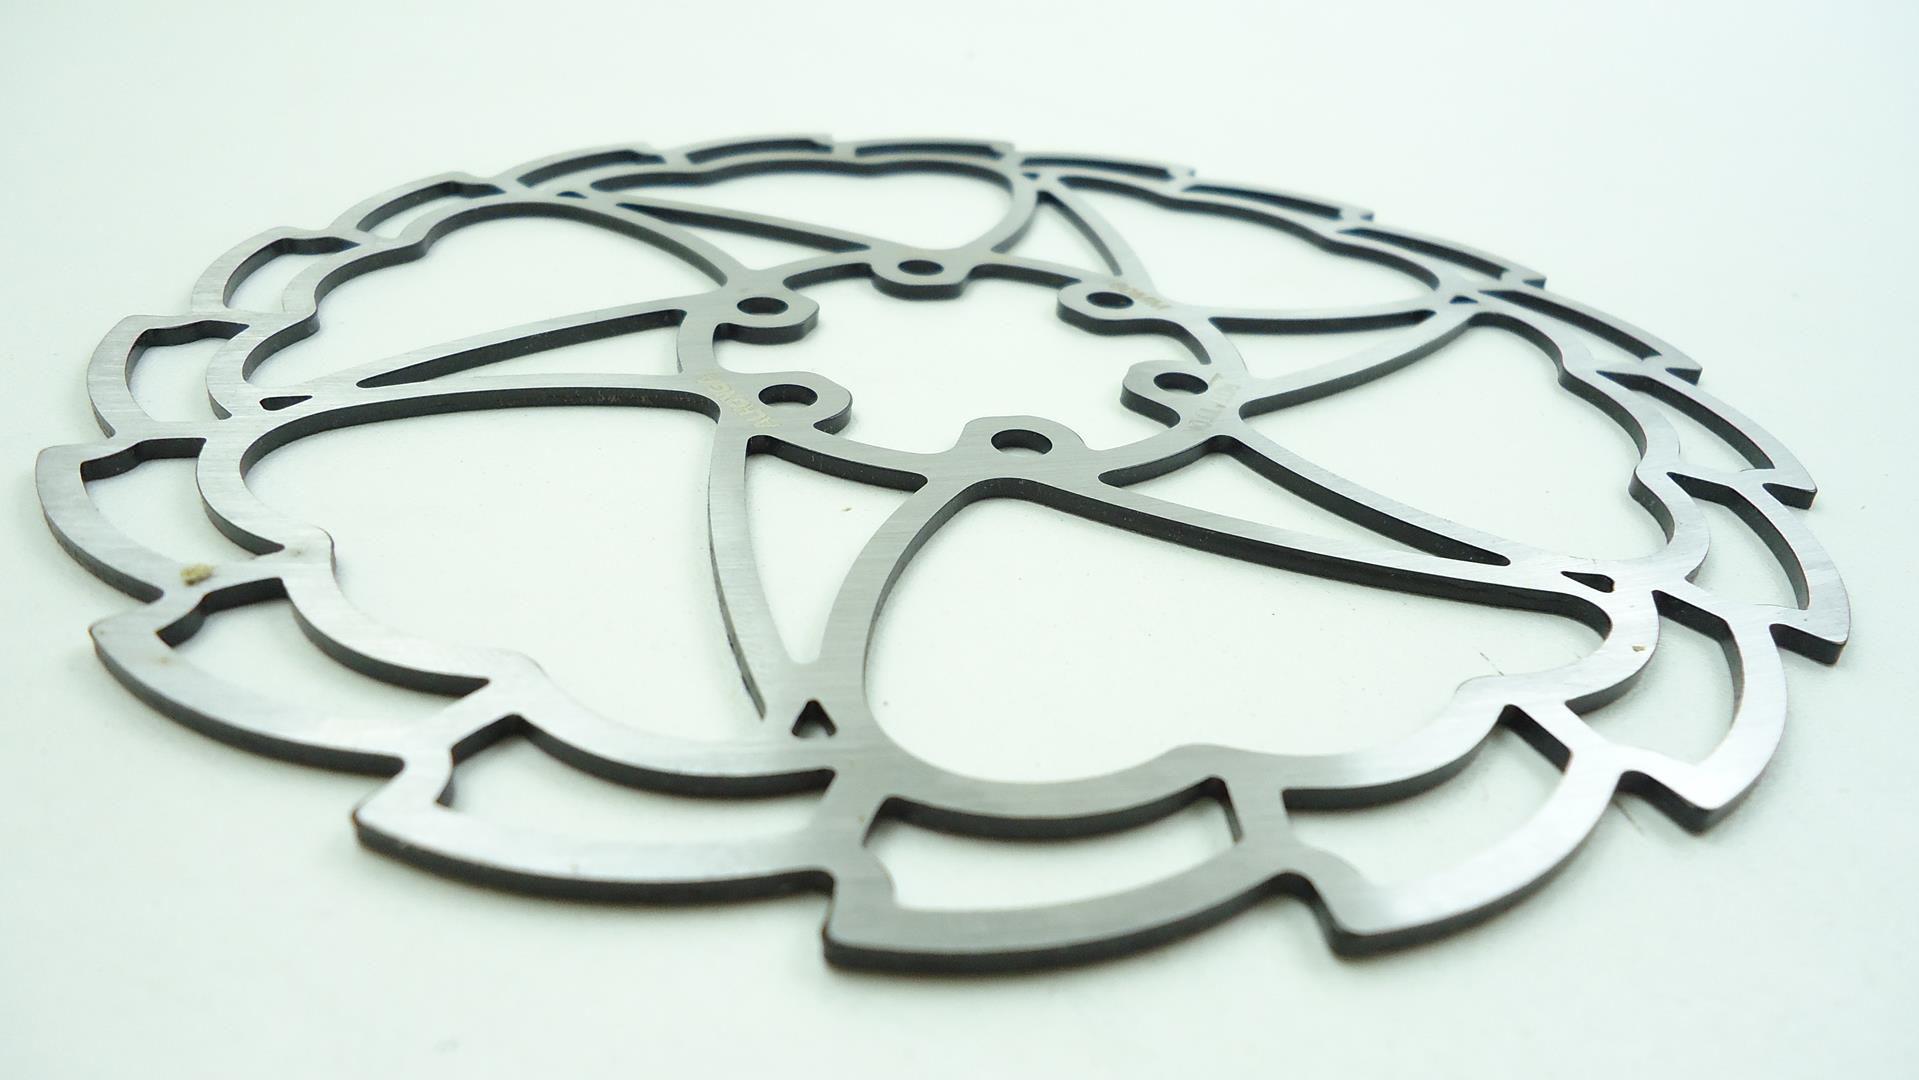 Disco de Freio Rotor Alhonga 160mm 6 Furos Ultralight em Aço Inox pra Bicicletas